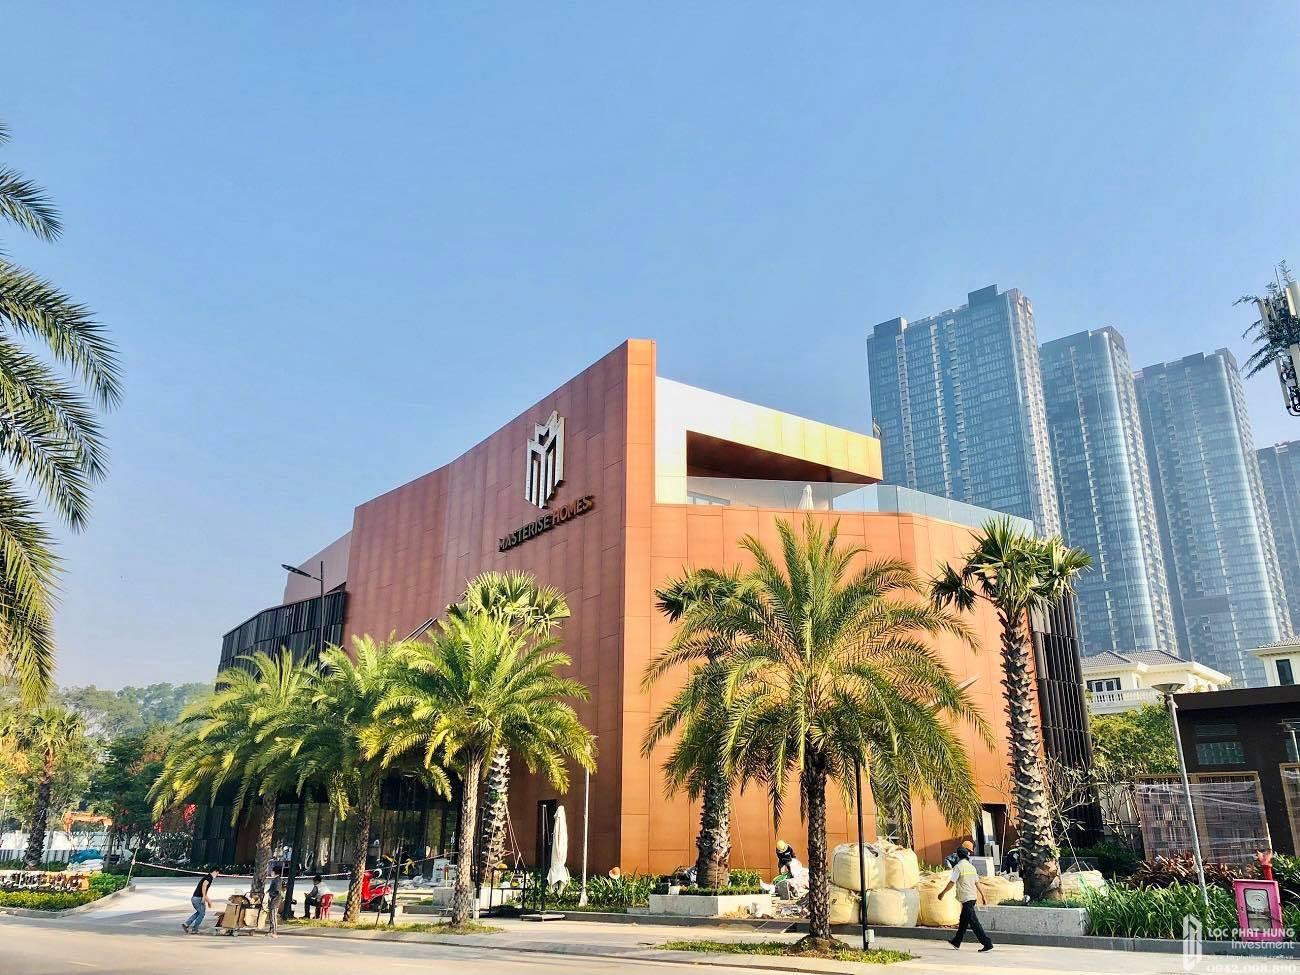 Nhà mẫu dự án căn hộ chung cư Masterise Grand Marina Quận 1 Đường Nguyễn Hữu Cảnh chủ đầu tư Masterise Homes